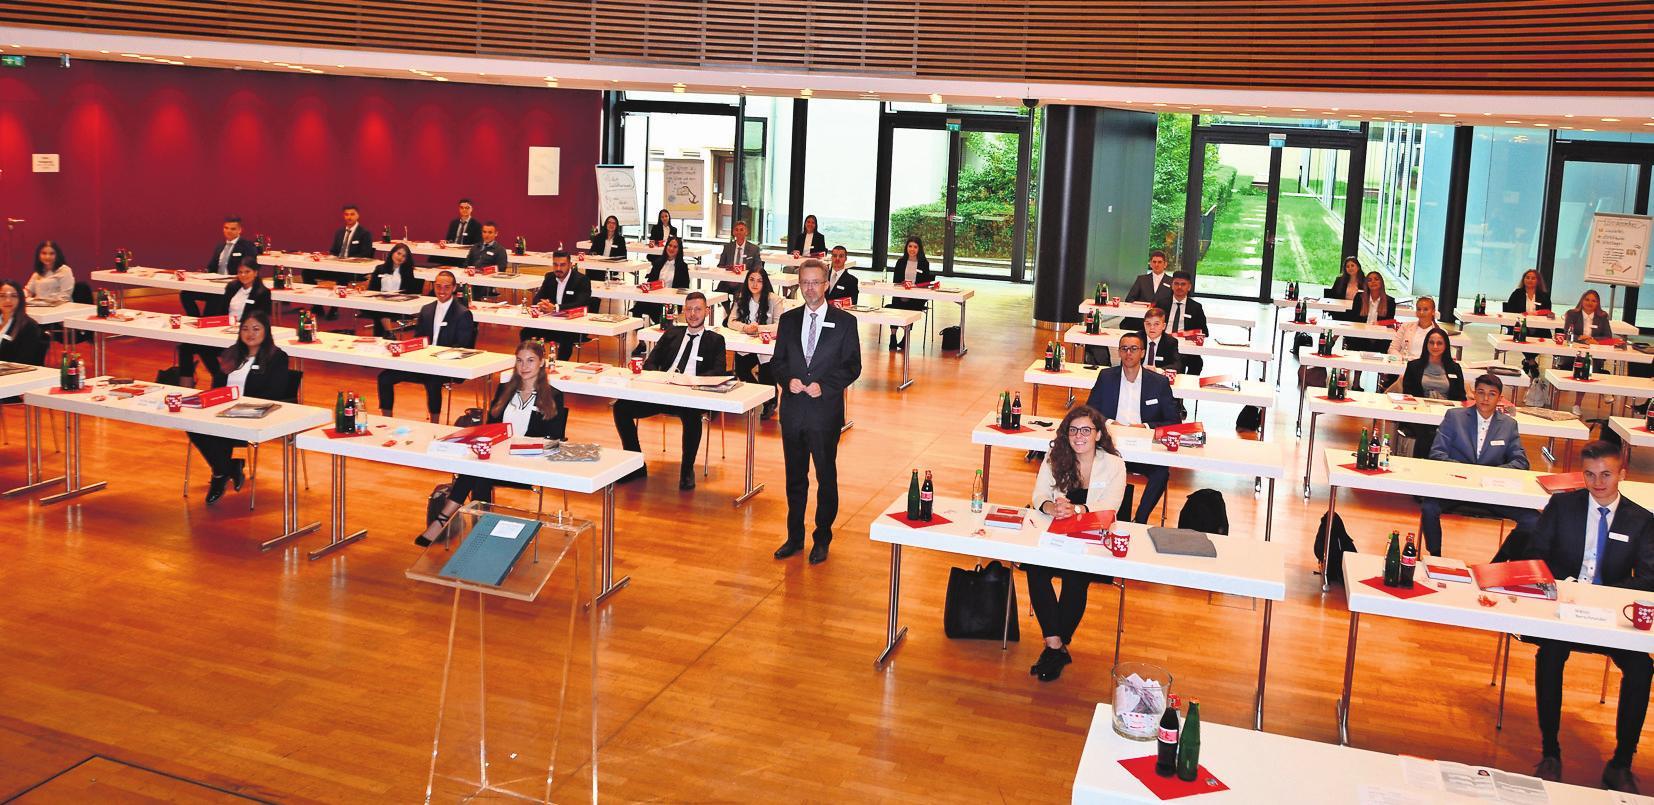 Gute Perspektiven – Dr. Heinz-Werner Schulte, Vorstandsvorsitzender der Kreissparkasse Ludwigsburg begrüßt die neue Auszubildenden. Foto: privat